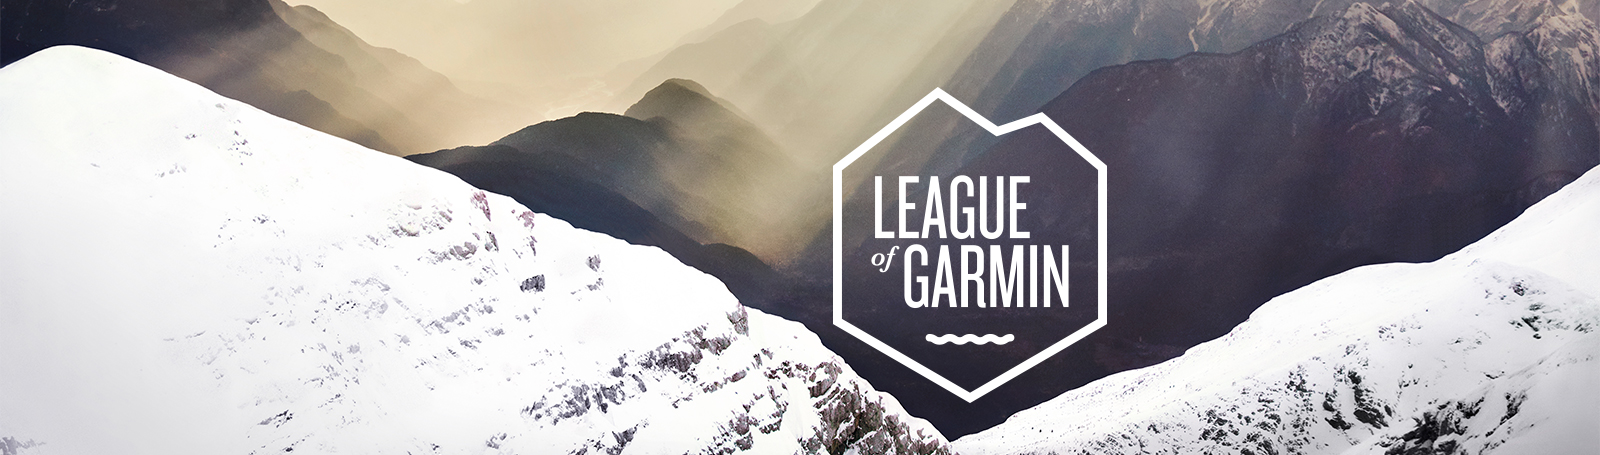 League of Garmin